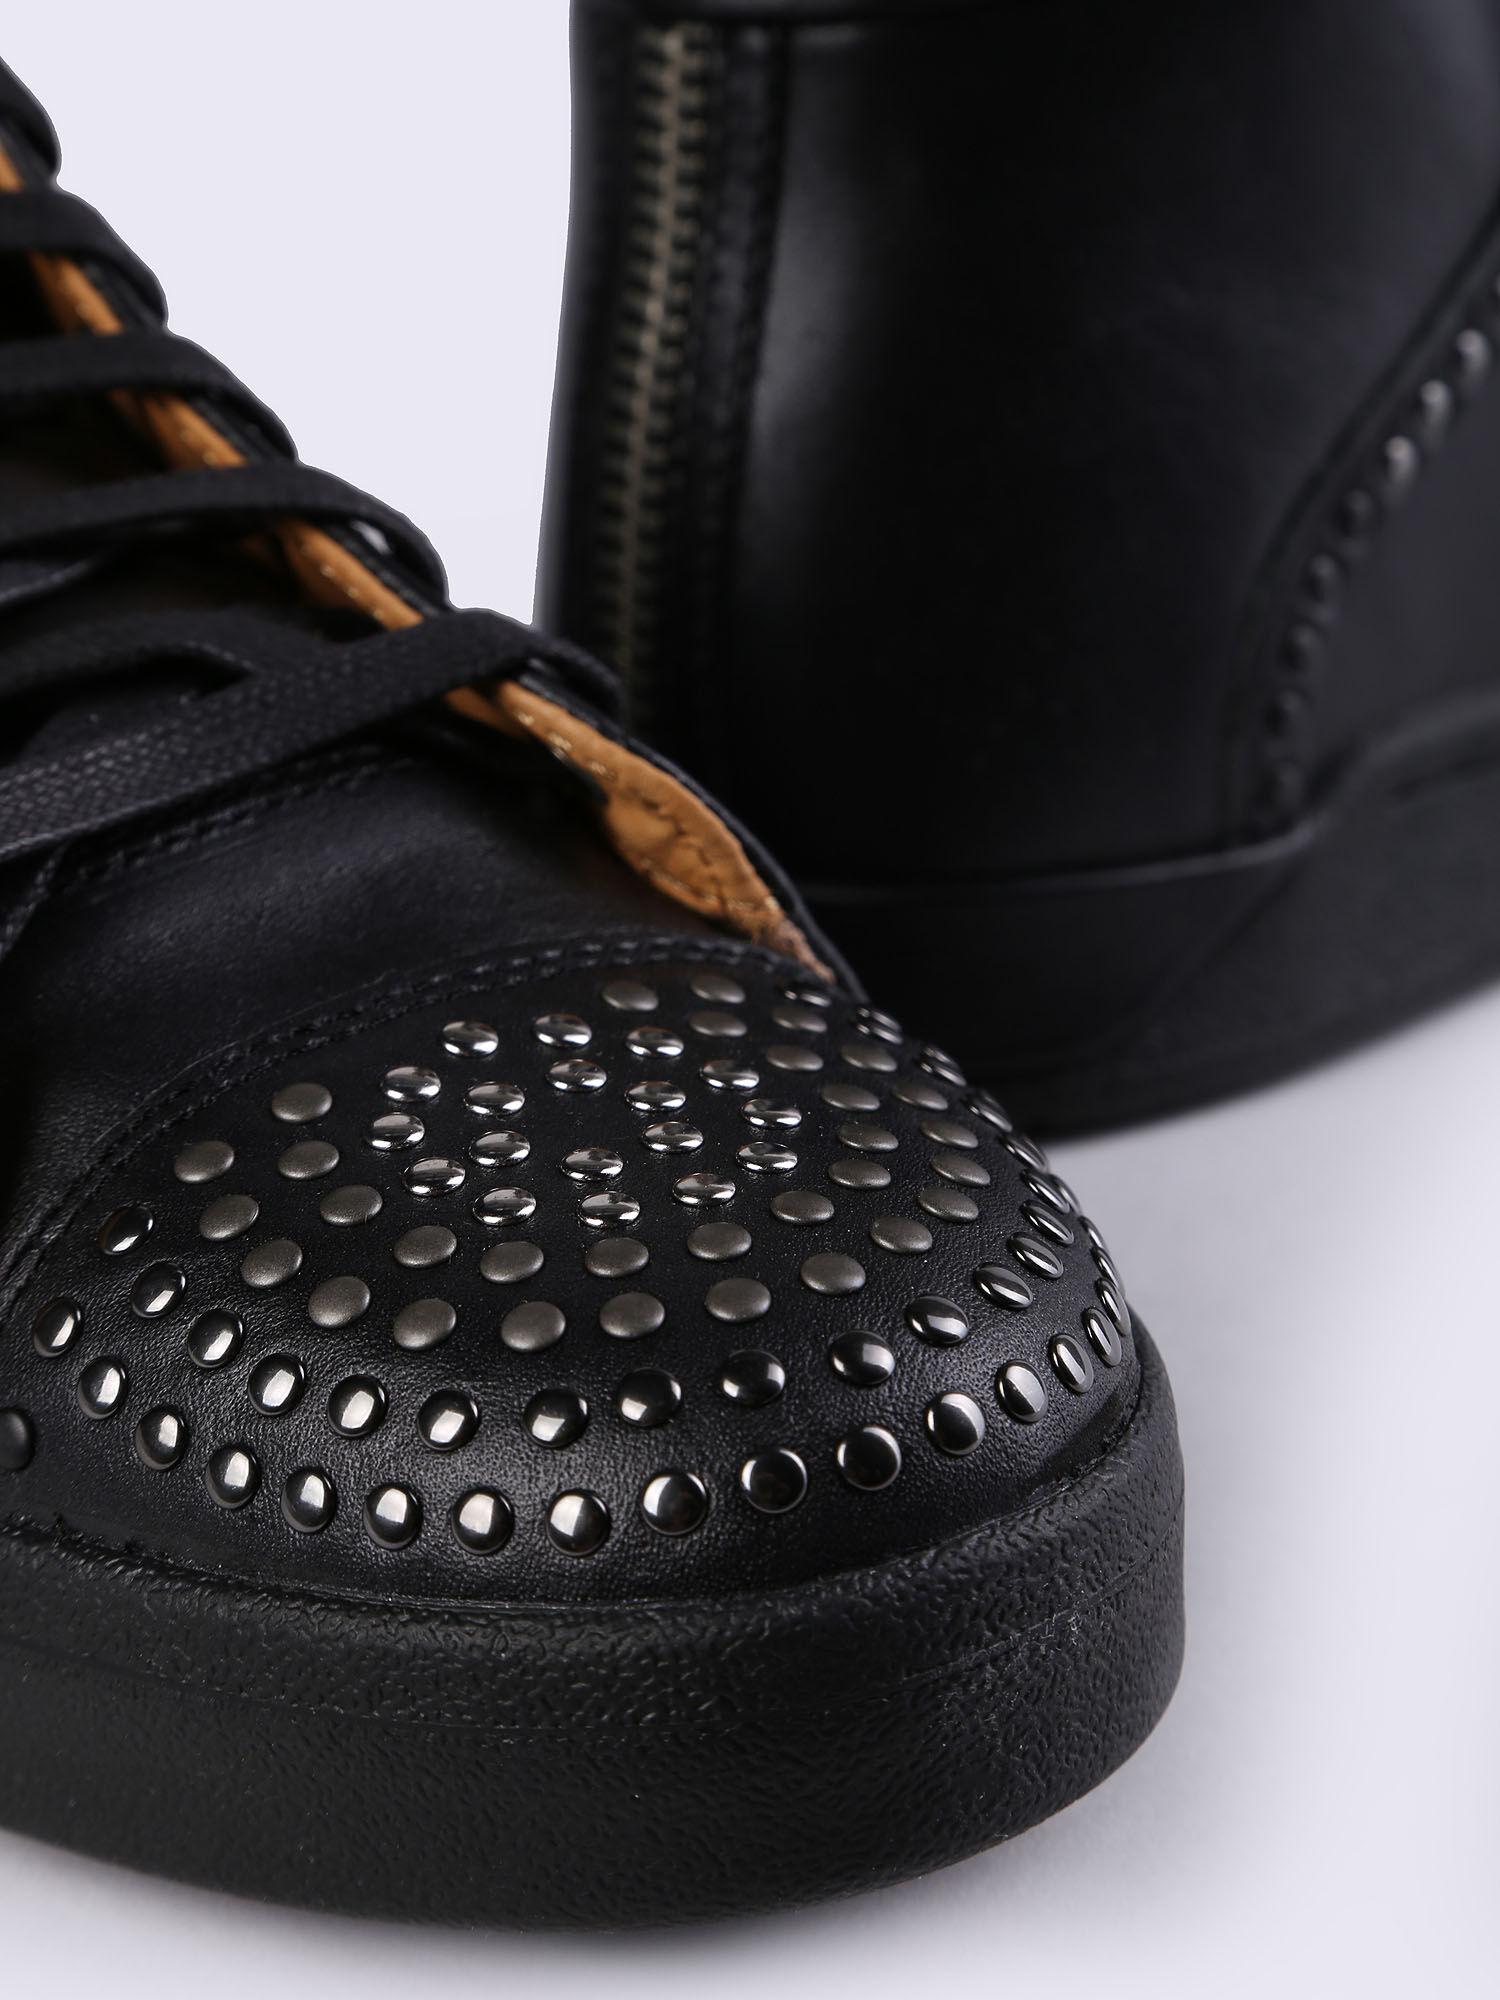 Vente Avec Paypal Parcourir La Vente Diesel S Marquise Sneakers Vente Pas Cher 2018 Nouvelle Prix Pas Cher La Sortie Confortable sVq38I